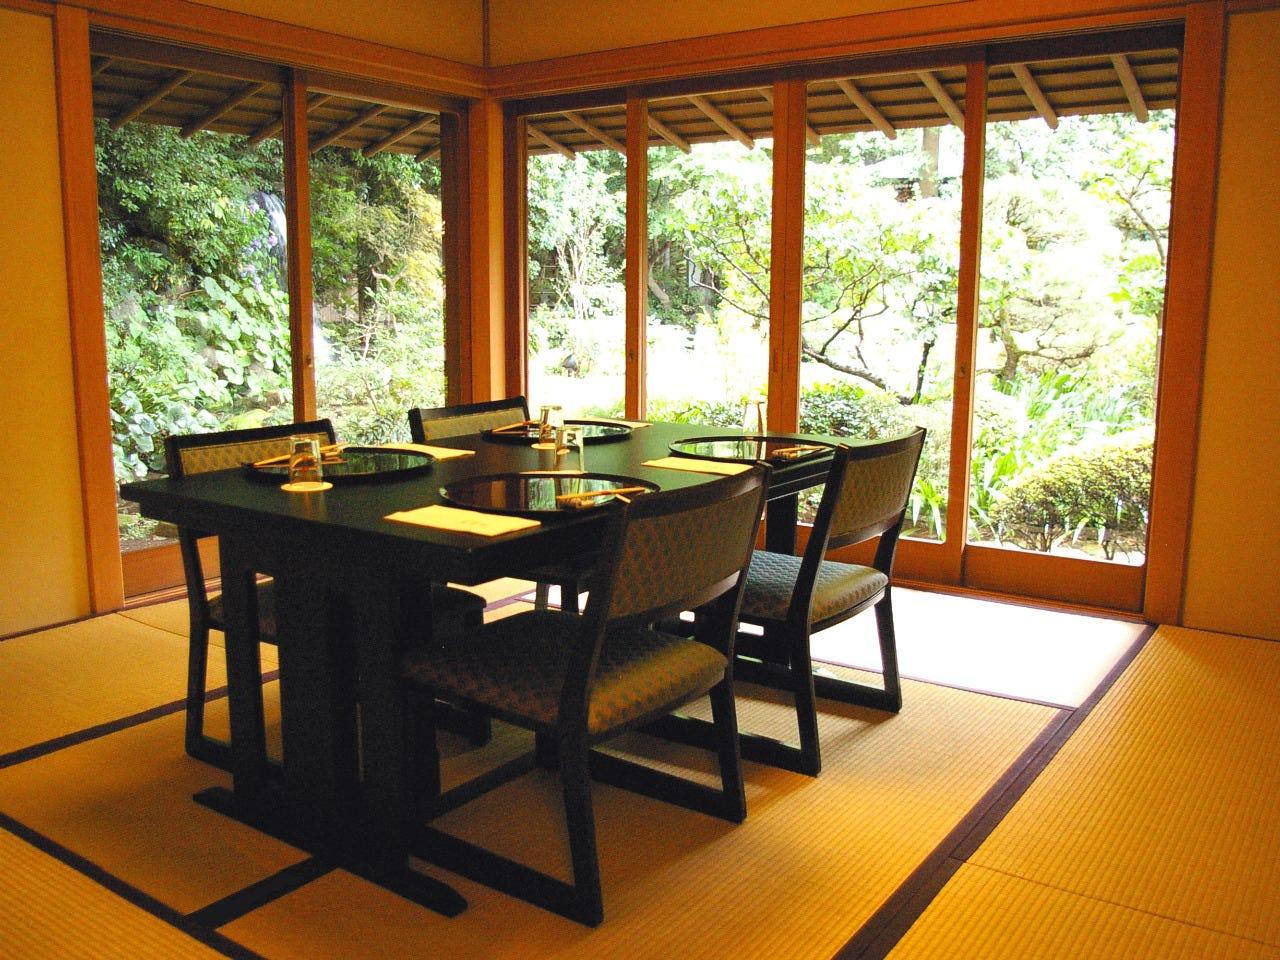 テーブル席・完全個室(壁・扉あり)・6名様